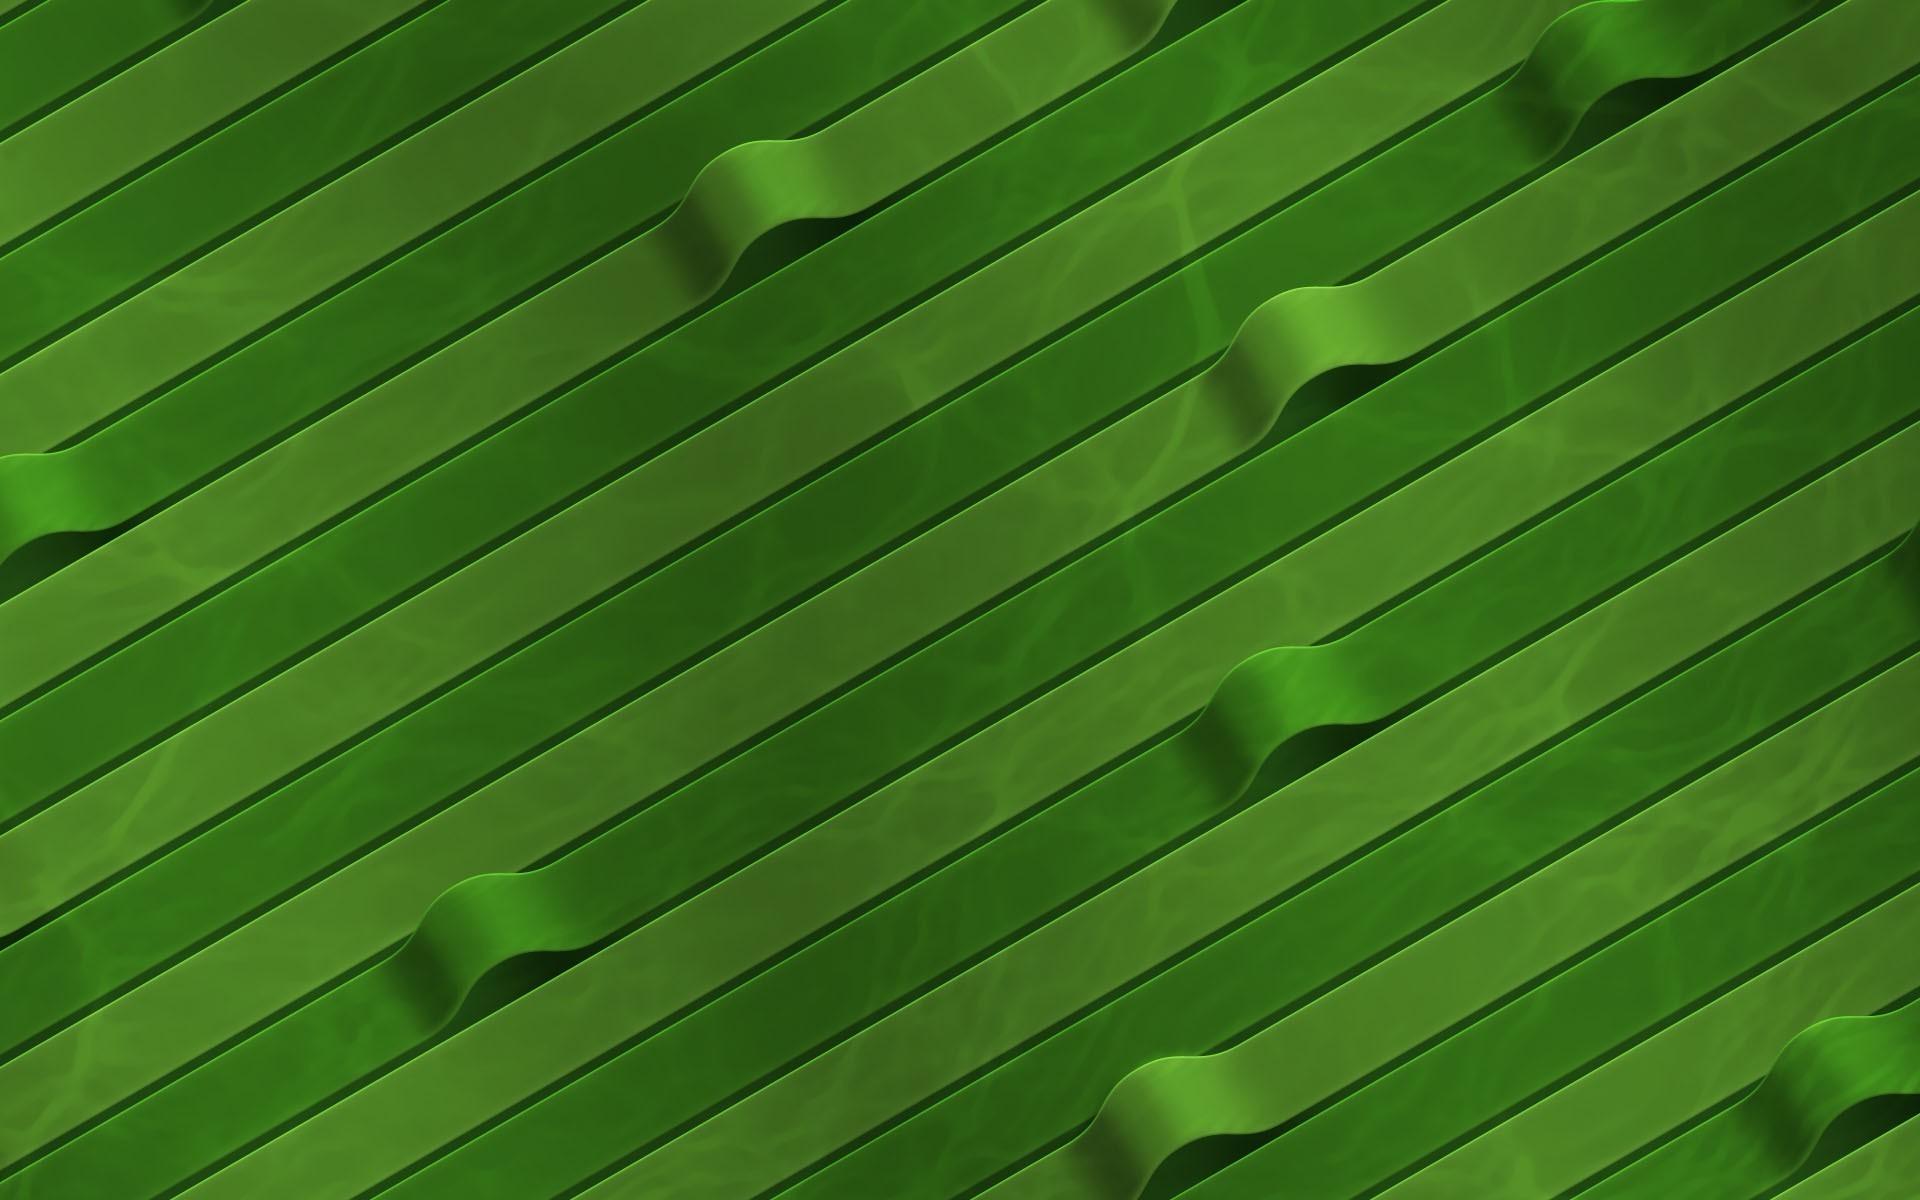 [Resim: lines_texture1096nlu5k.jpg]